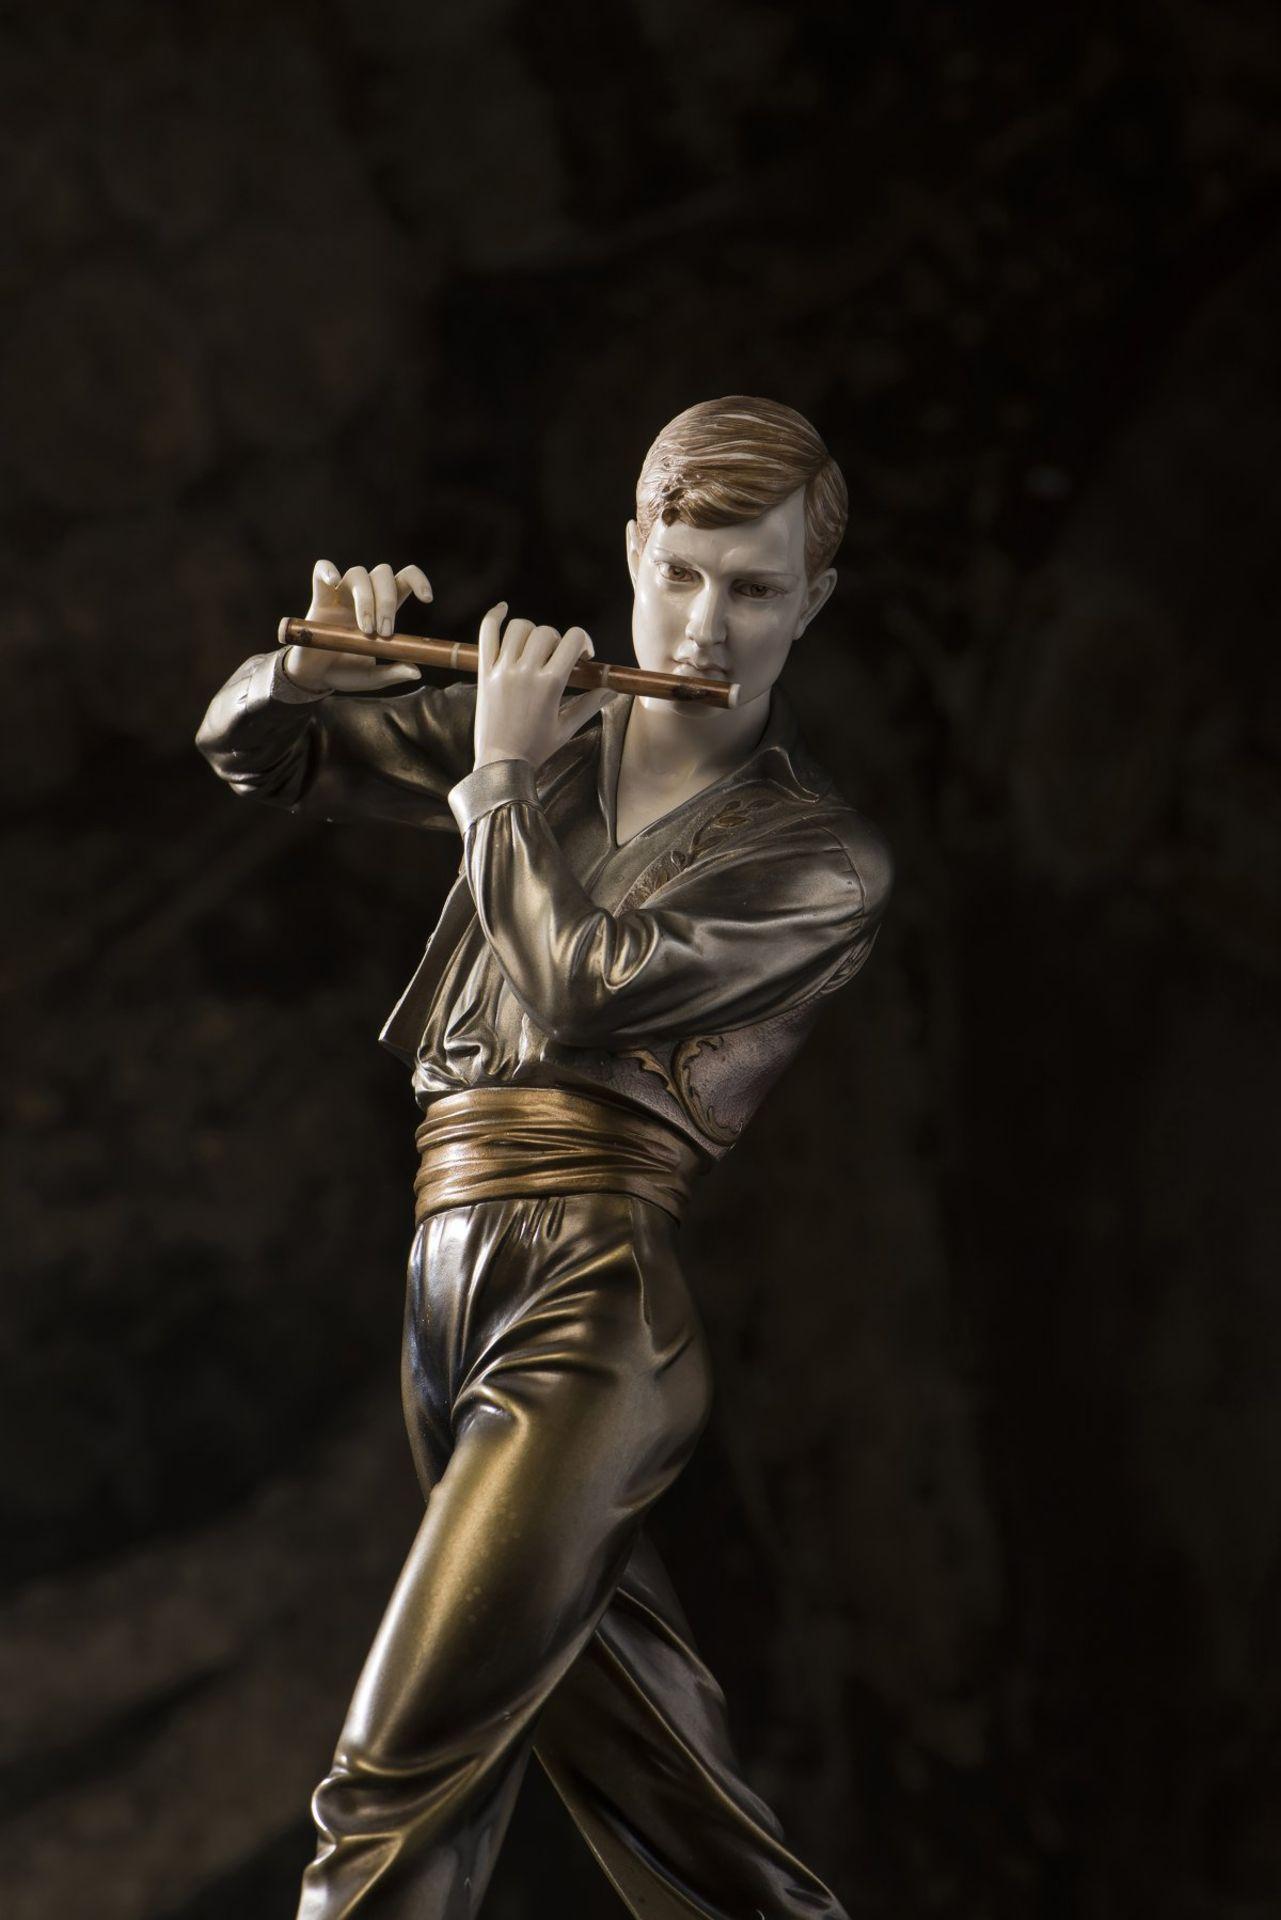 Ferdinand Preiss, 'Flötenspieler', um 1930 - Bild 3 aus 15